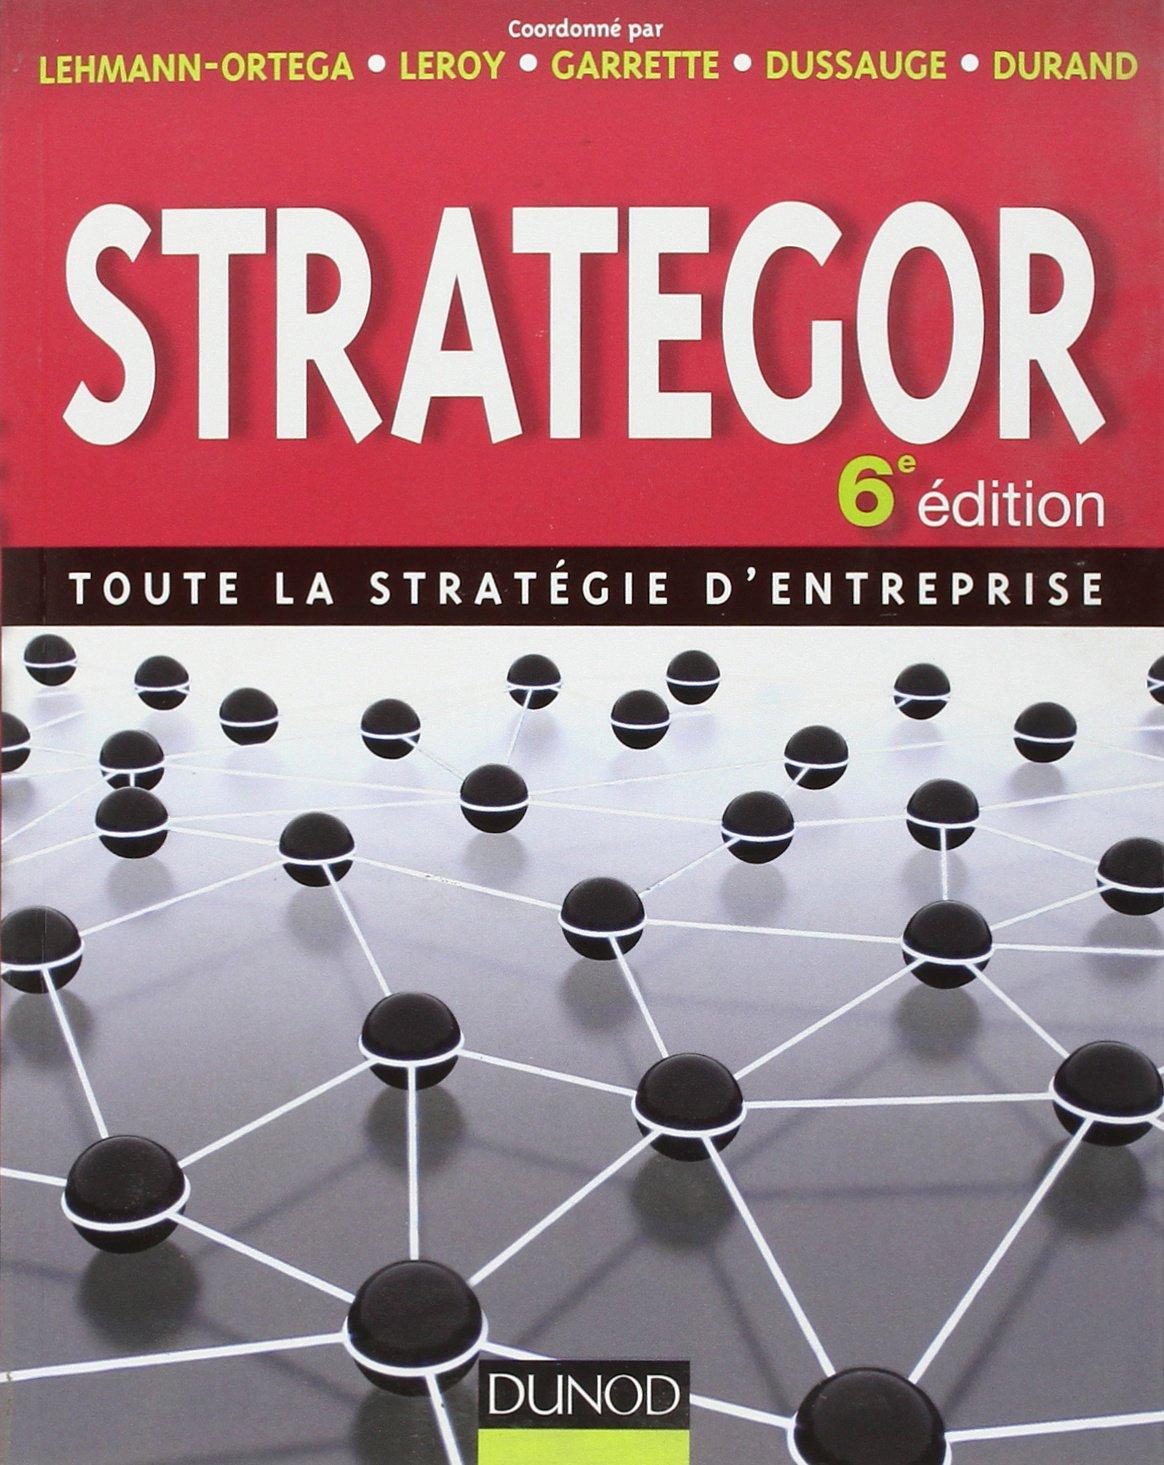 Strategor - Toute la stratégie d entreprise